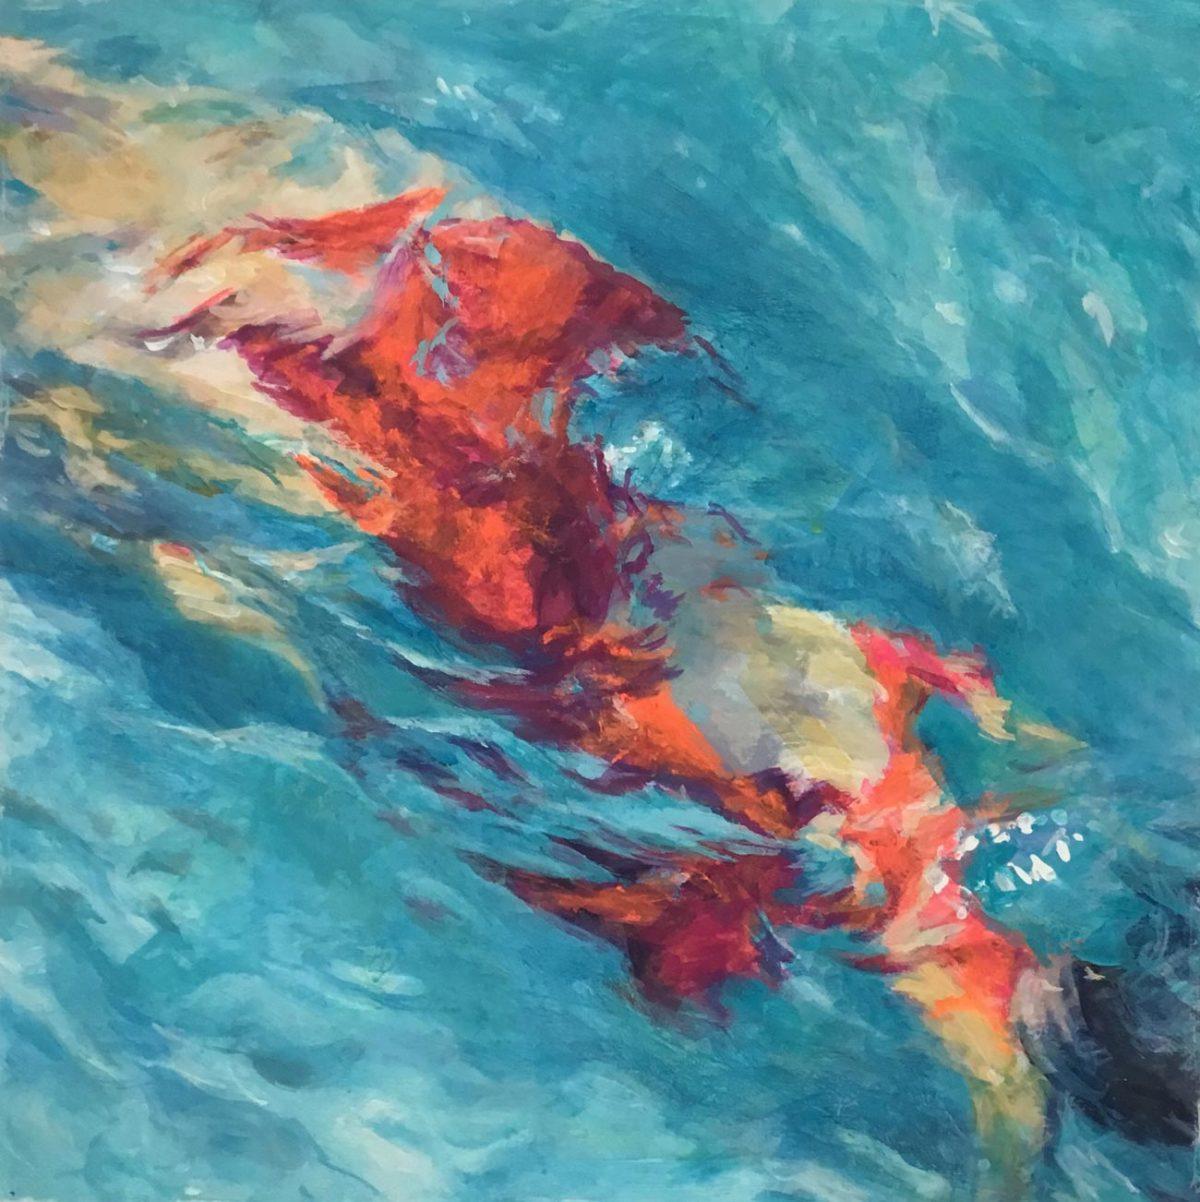 Schwimmerin XIX von Mo Kilders